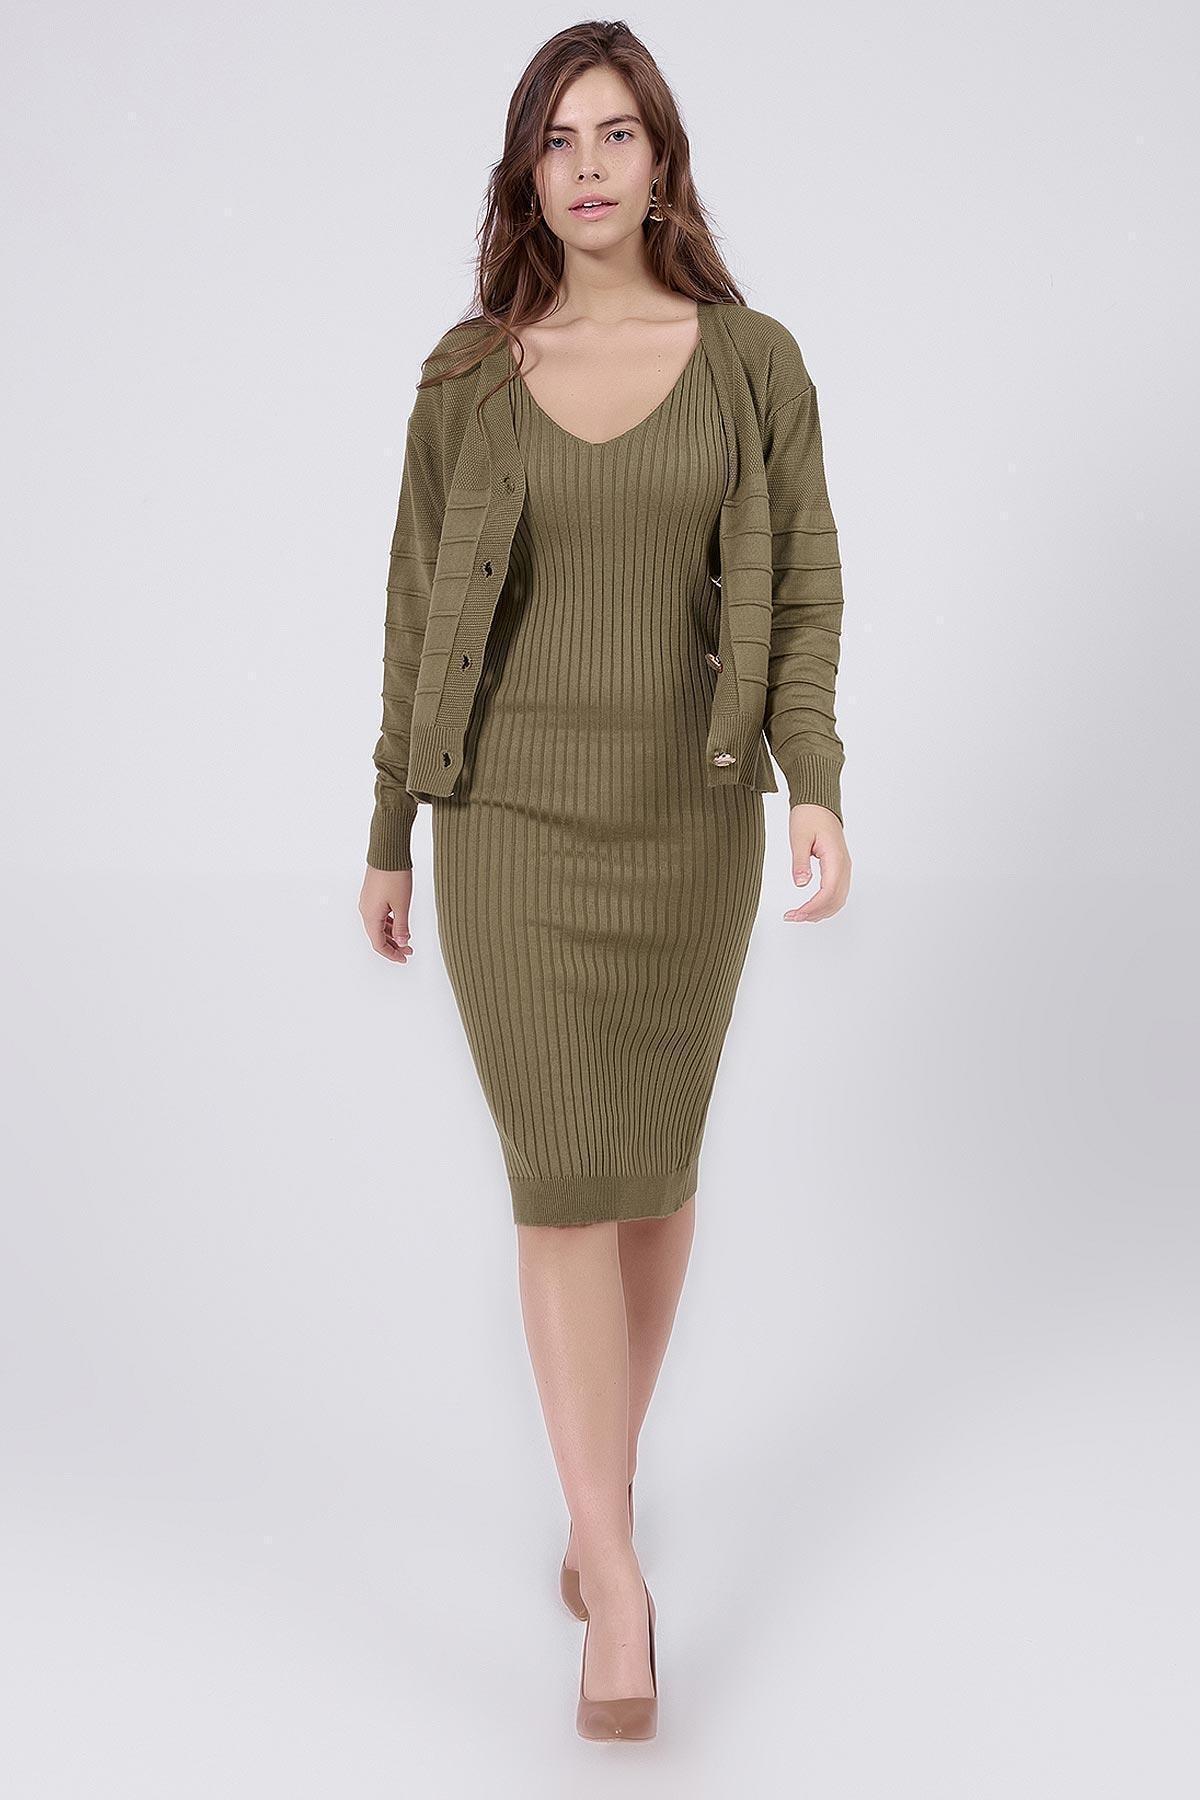 Pattaya Kadın Askılı Elbise Uzun Kollu Hırka Ikili Triko Takım Y20w126-3402 1